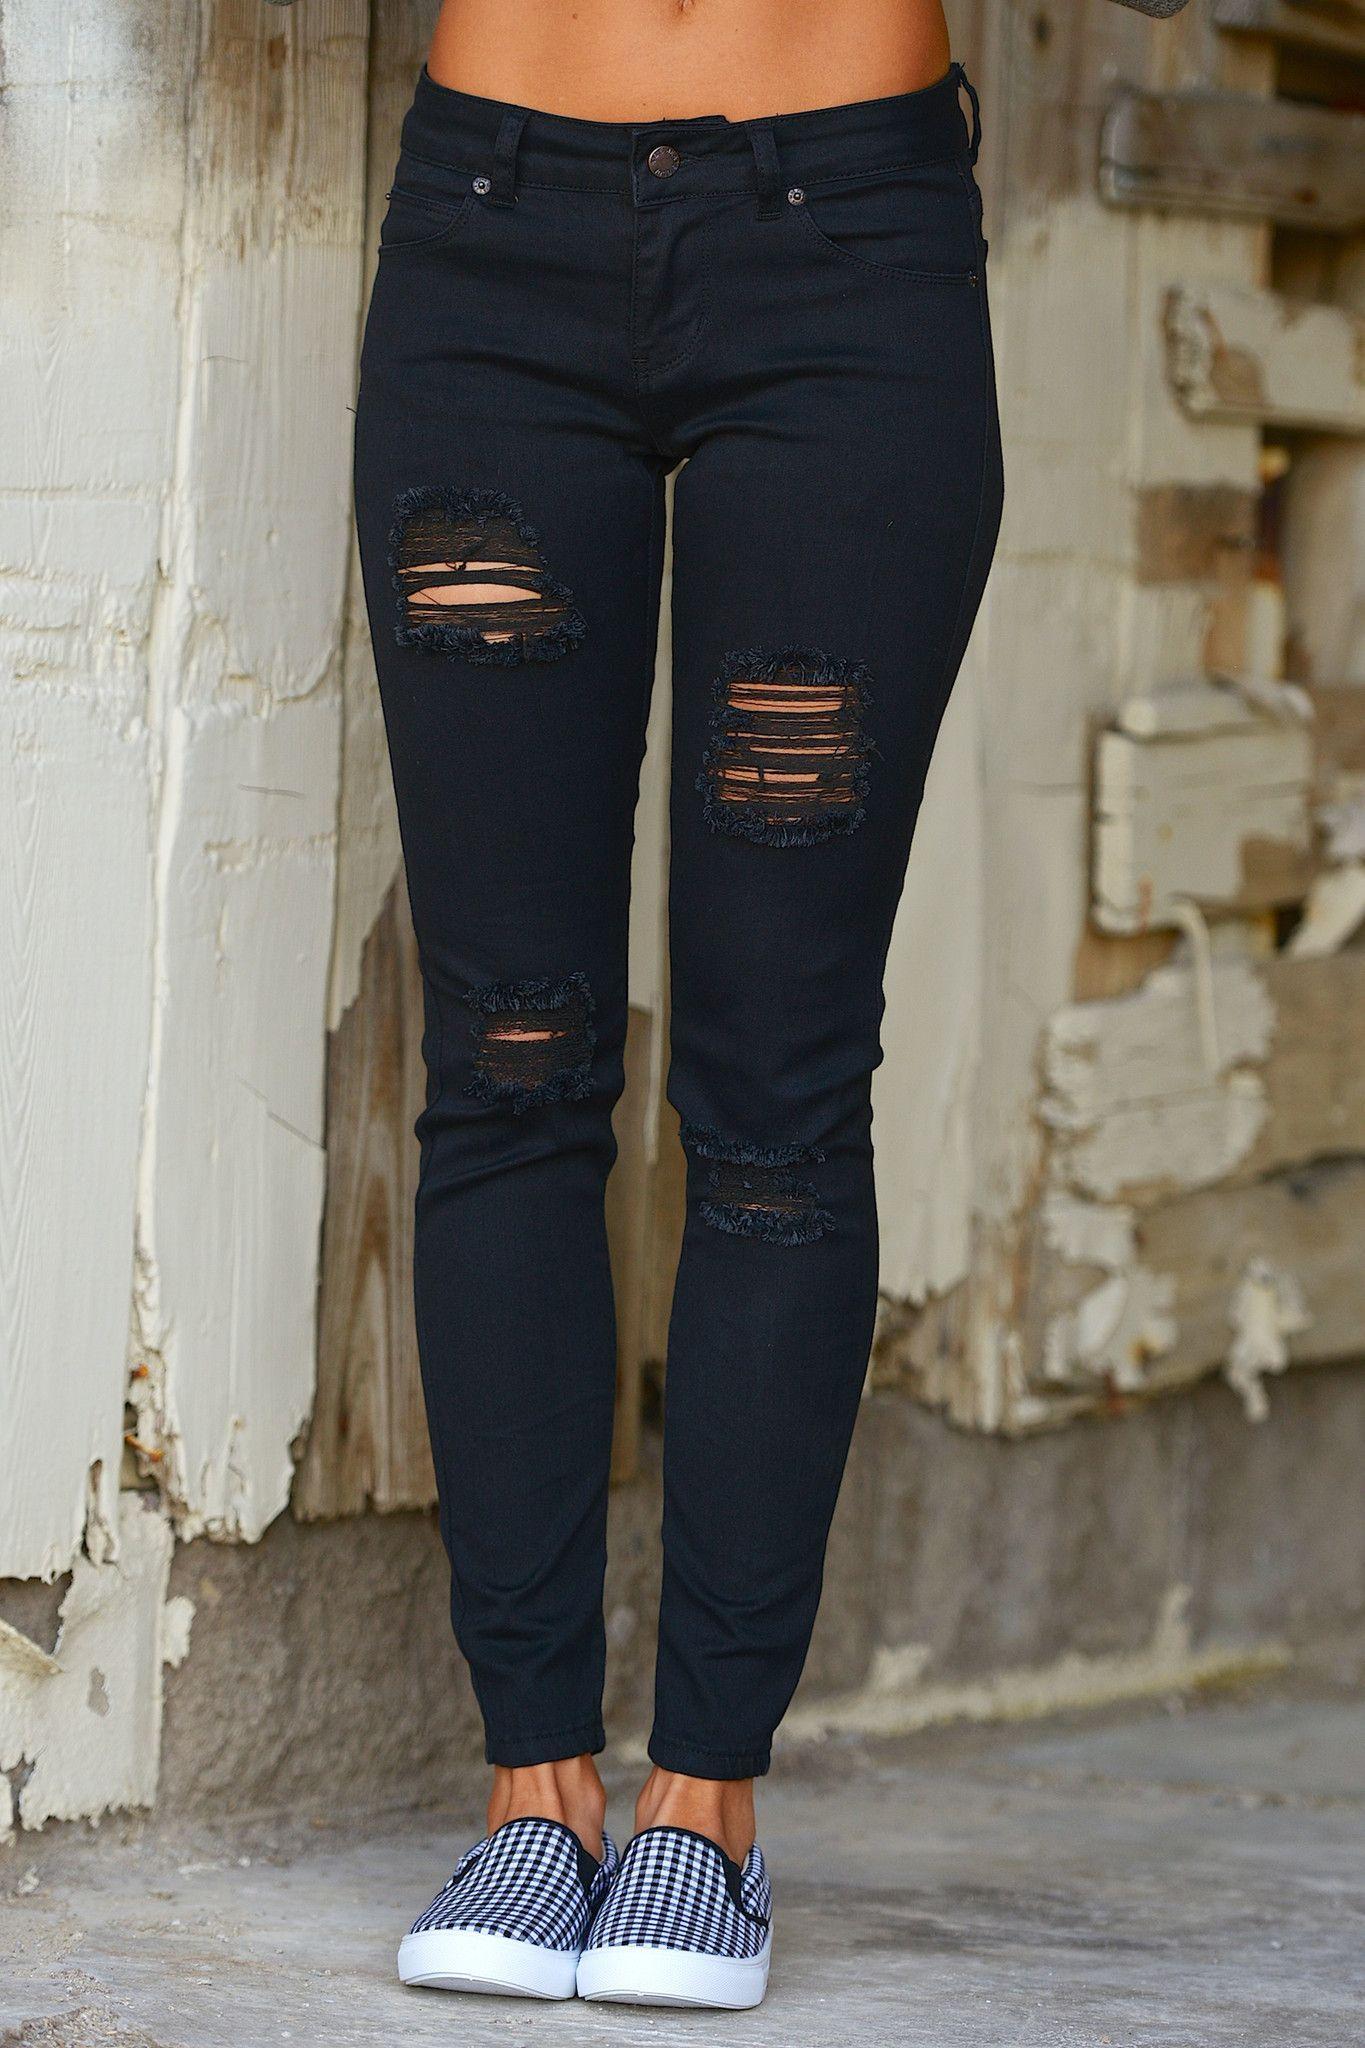 dfed0c5af Estos jeans son rotos y son del color negro. Yo los llevaría todo el tiempo  porque van con todo. Yo los quiero